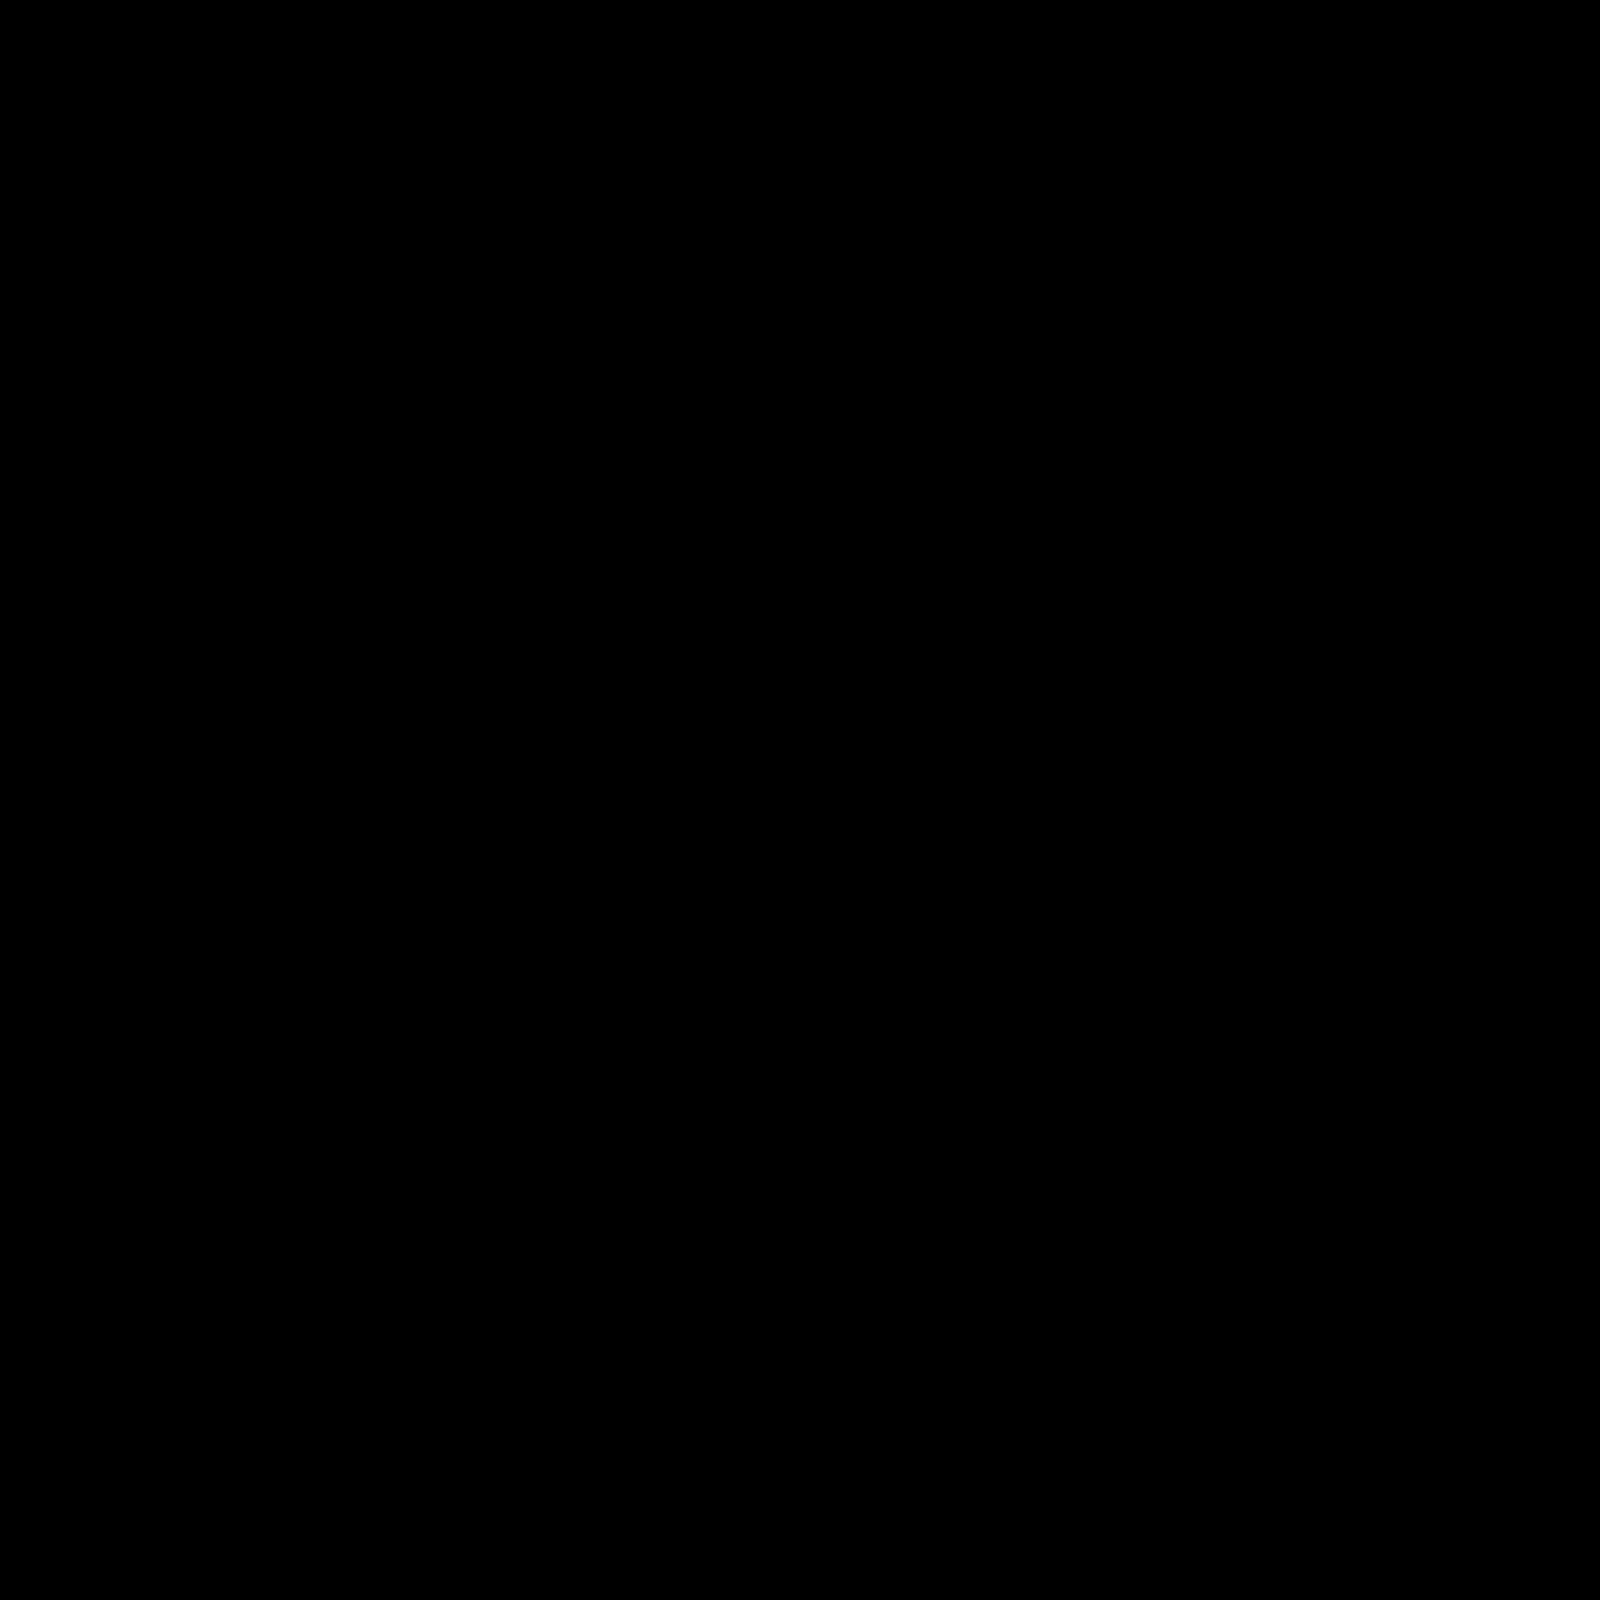 Asterisk-PNG-Transparent.png